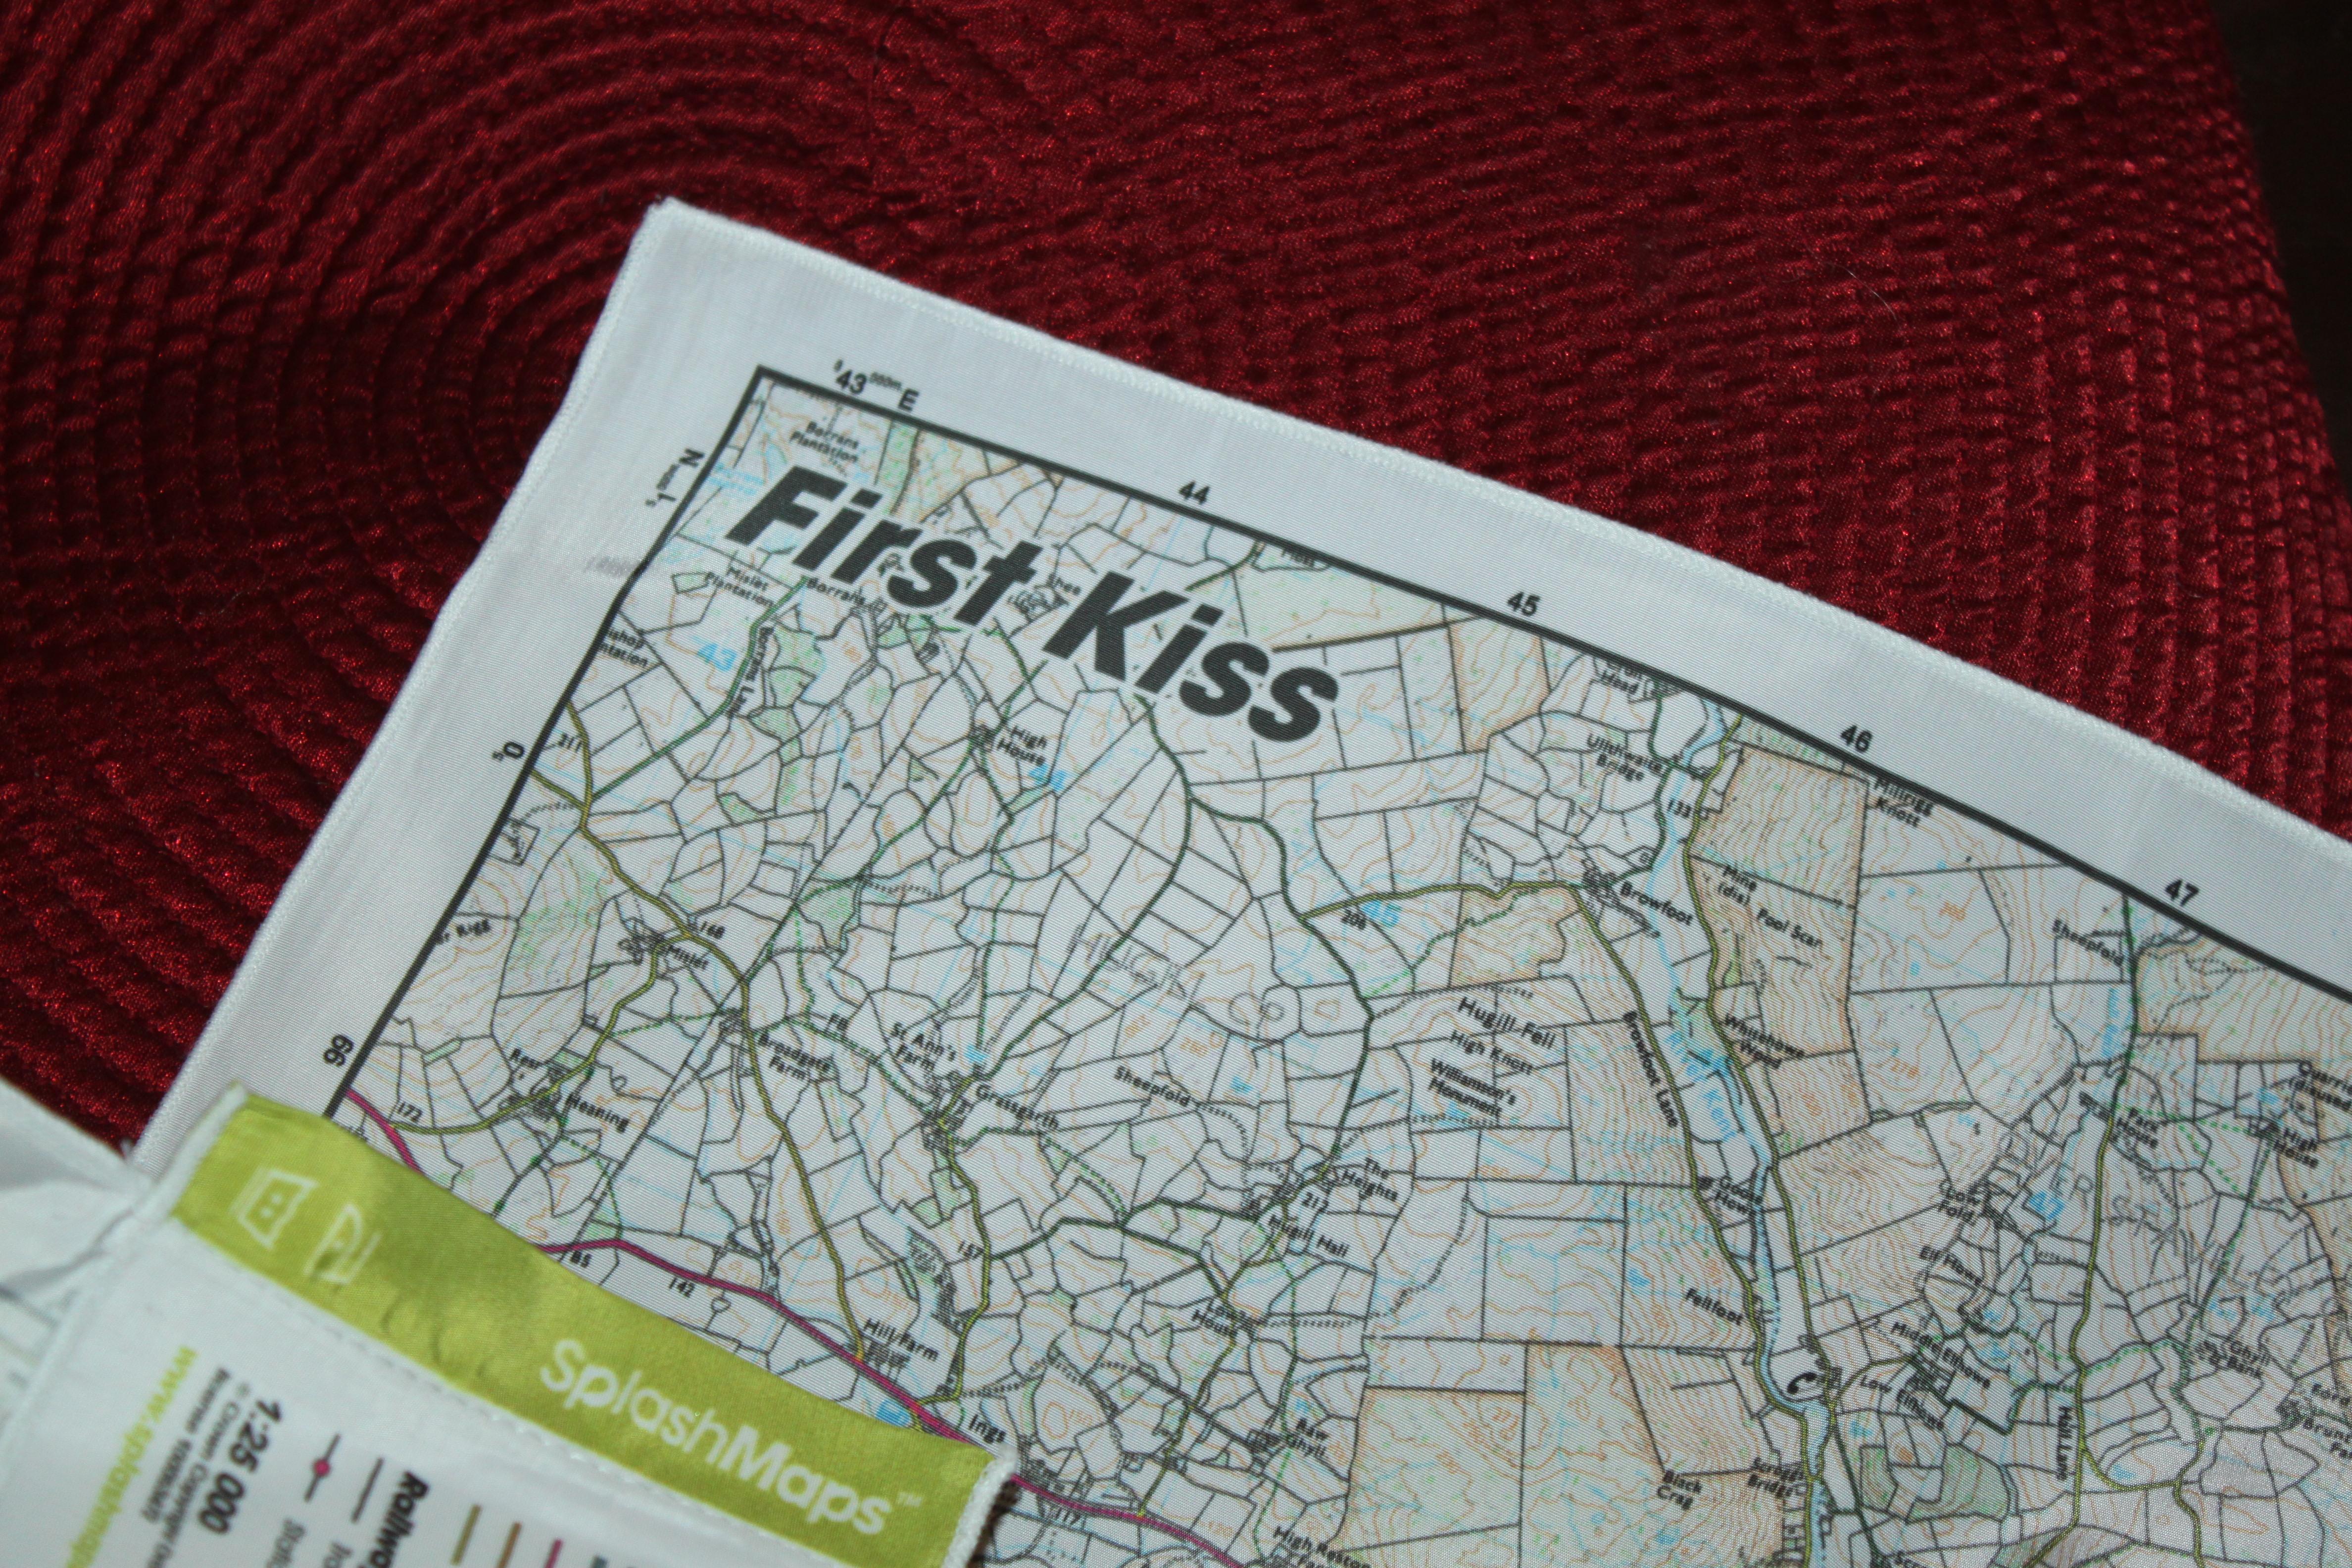 romantische Schatzsuche geburtstagsideen geschenkideen geburtstagsspiele valentinstag Kuss